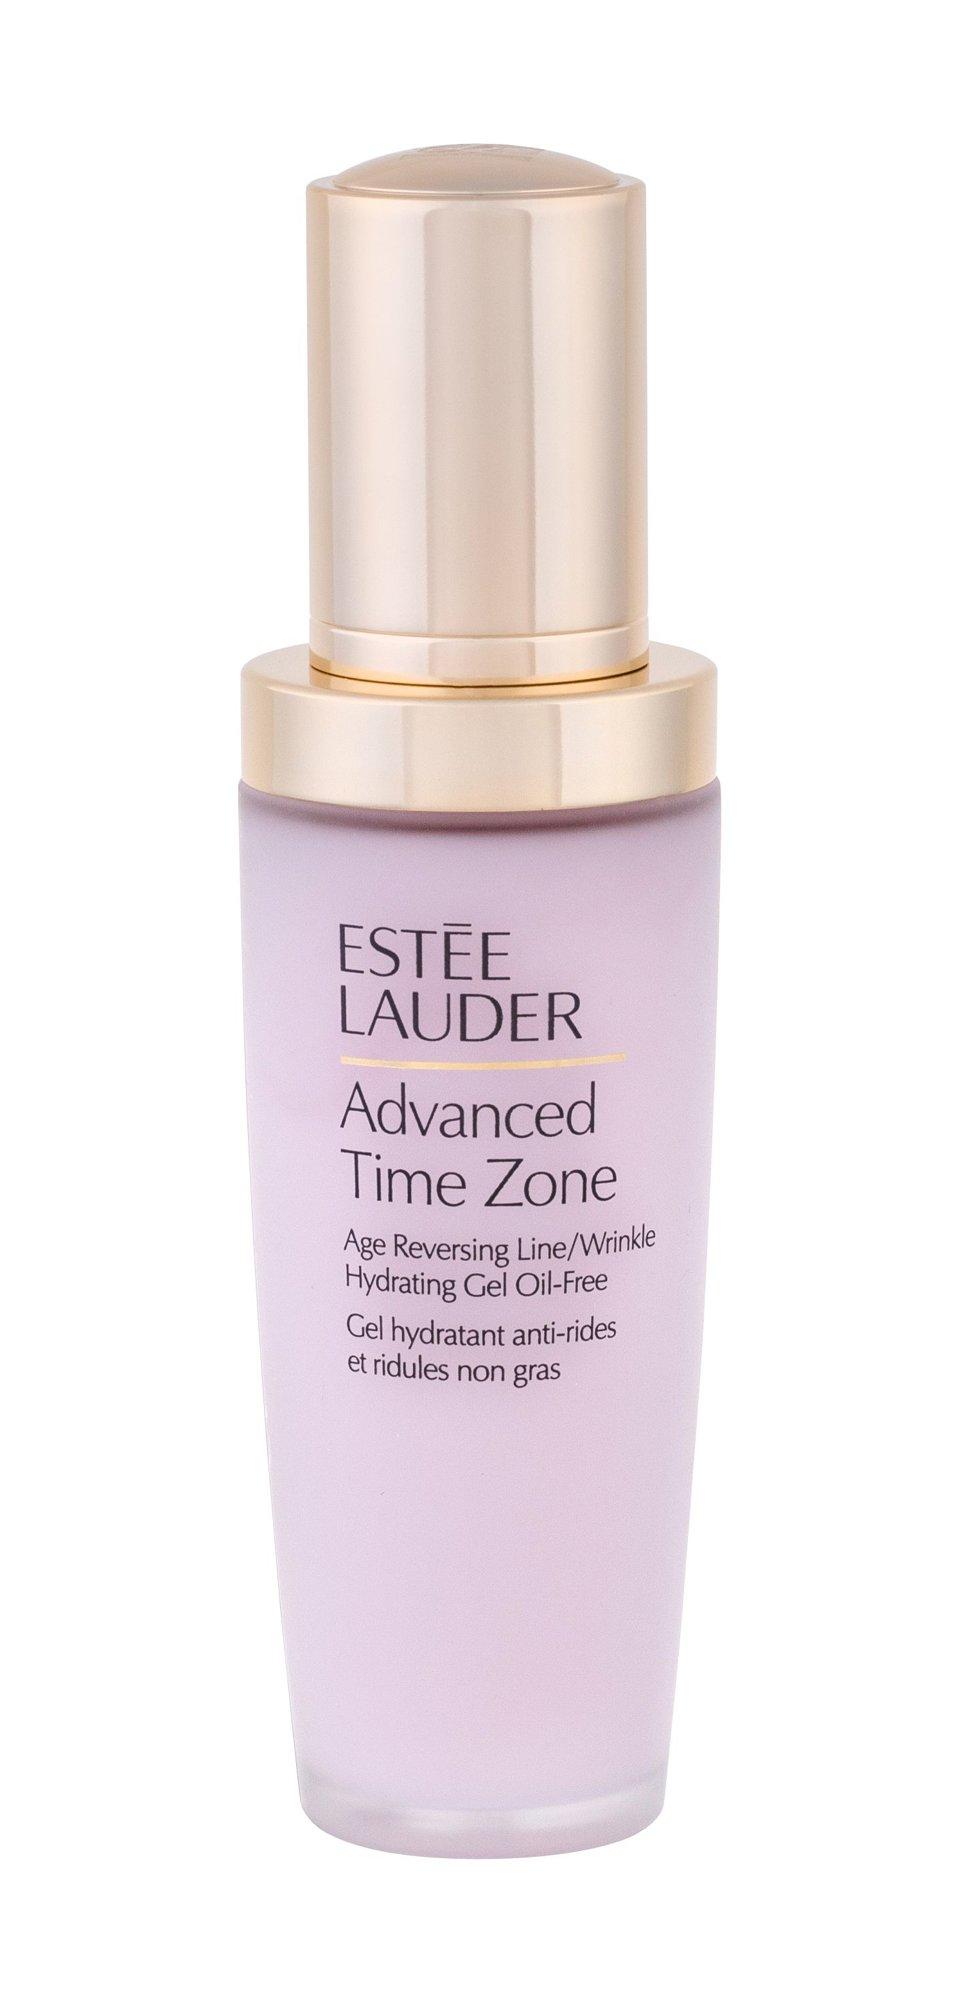 Estée Lauder Advanced Time Zone Facial Gel 50ml